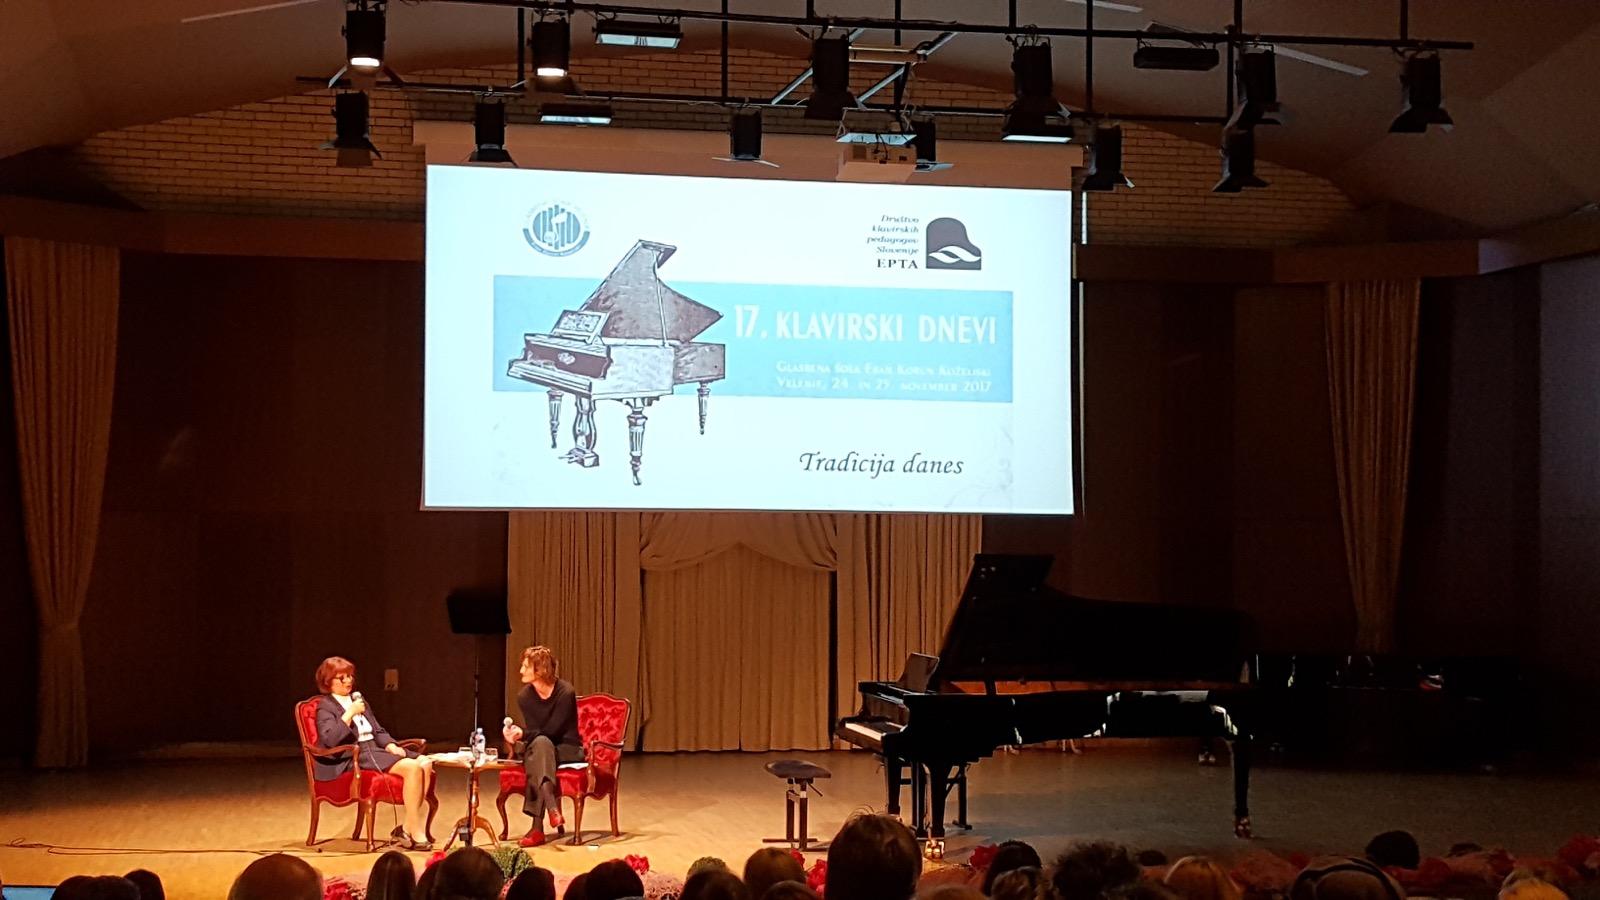 17. klavirski dnevi – Velenje 2017